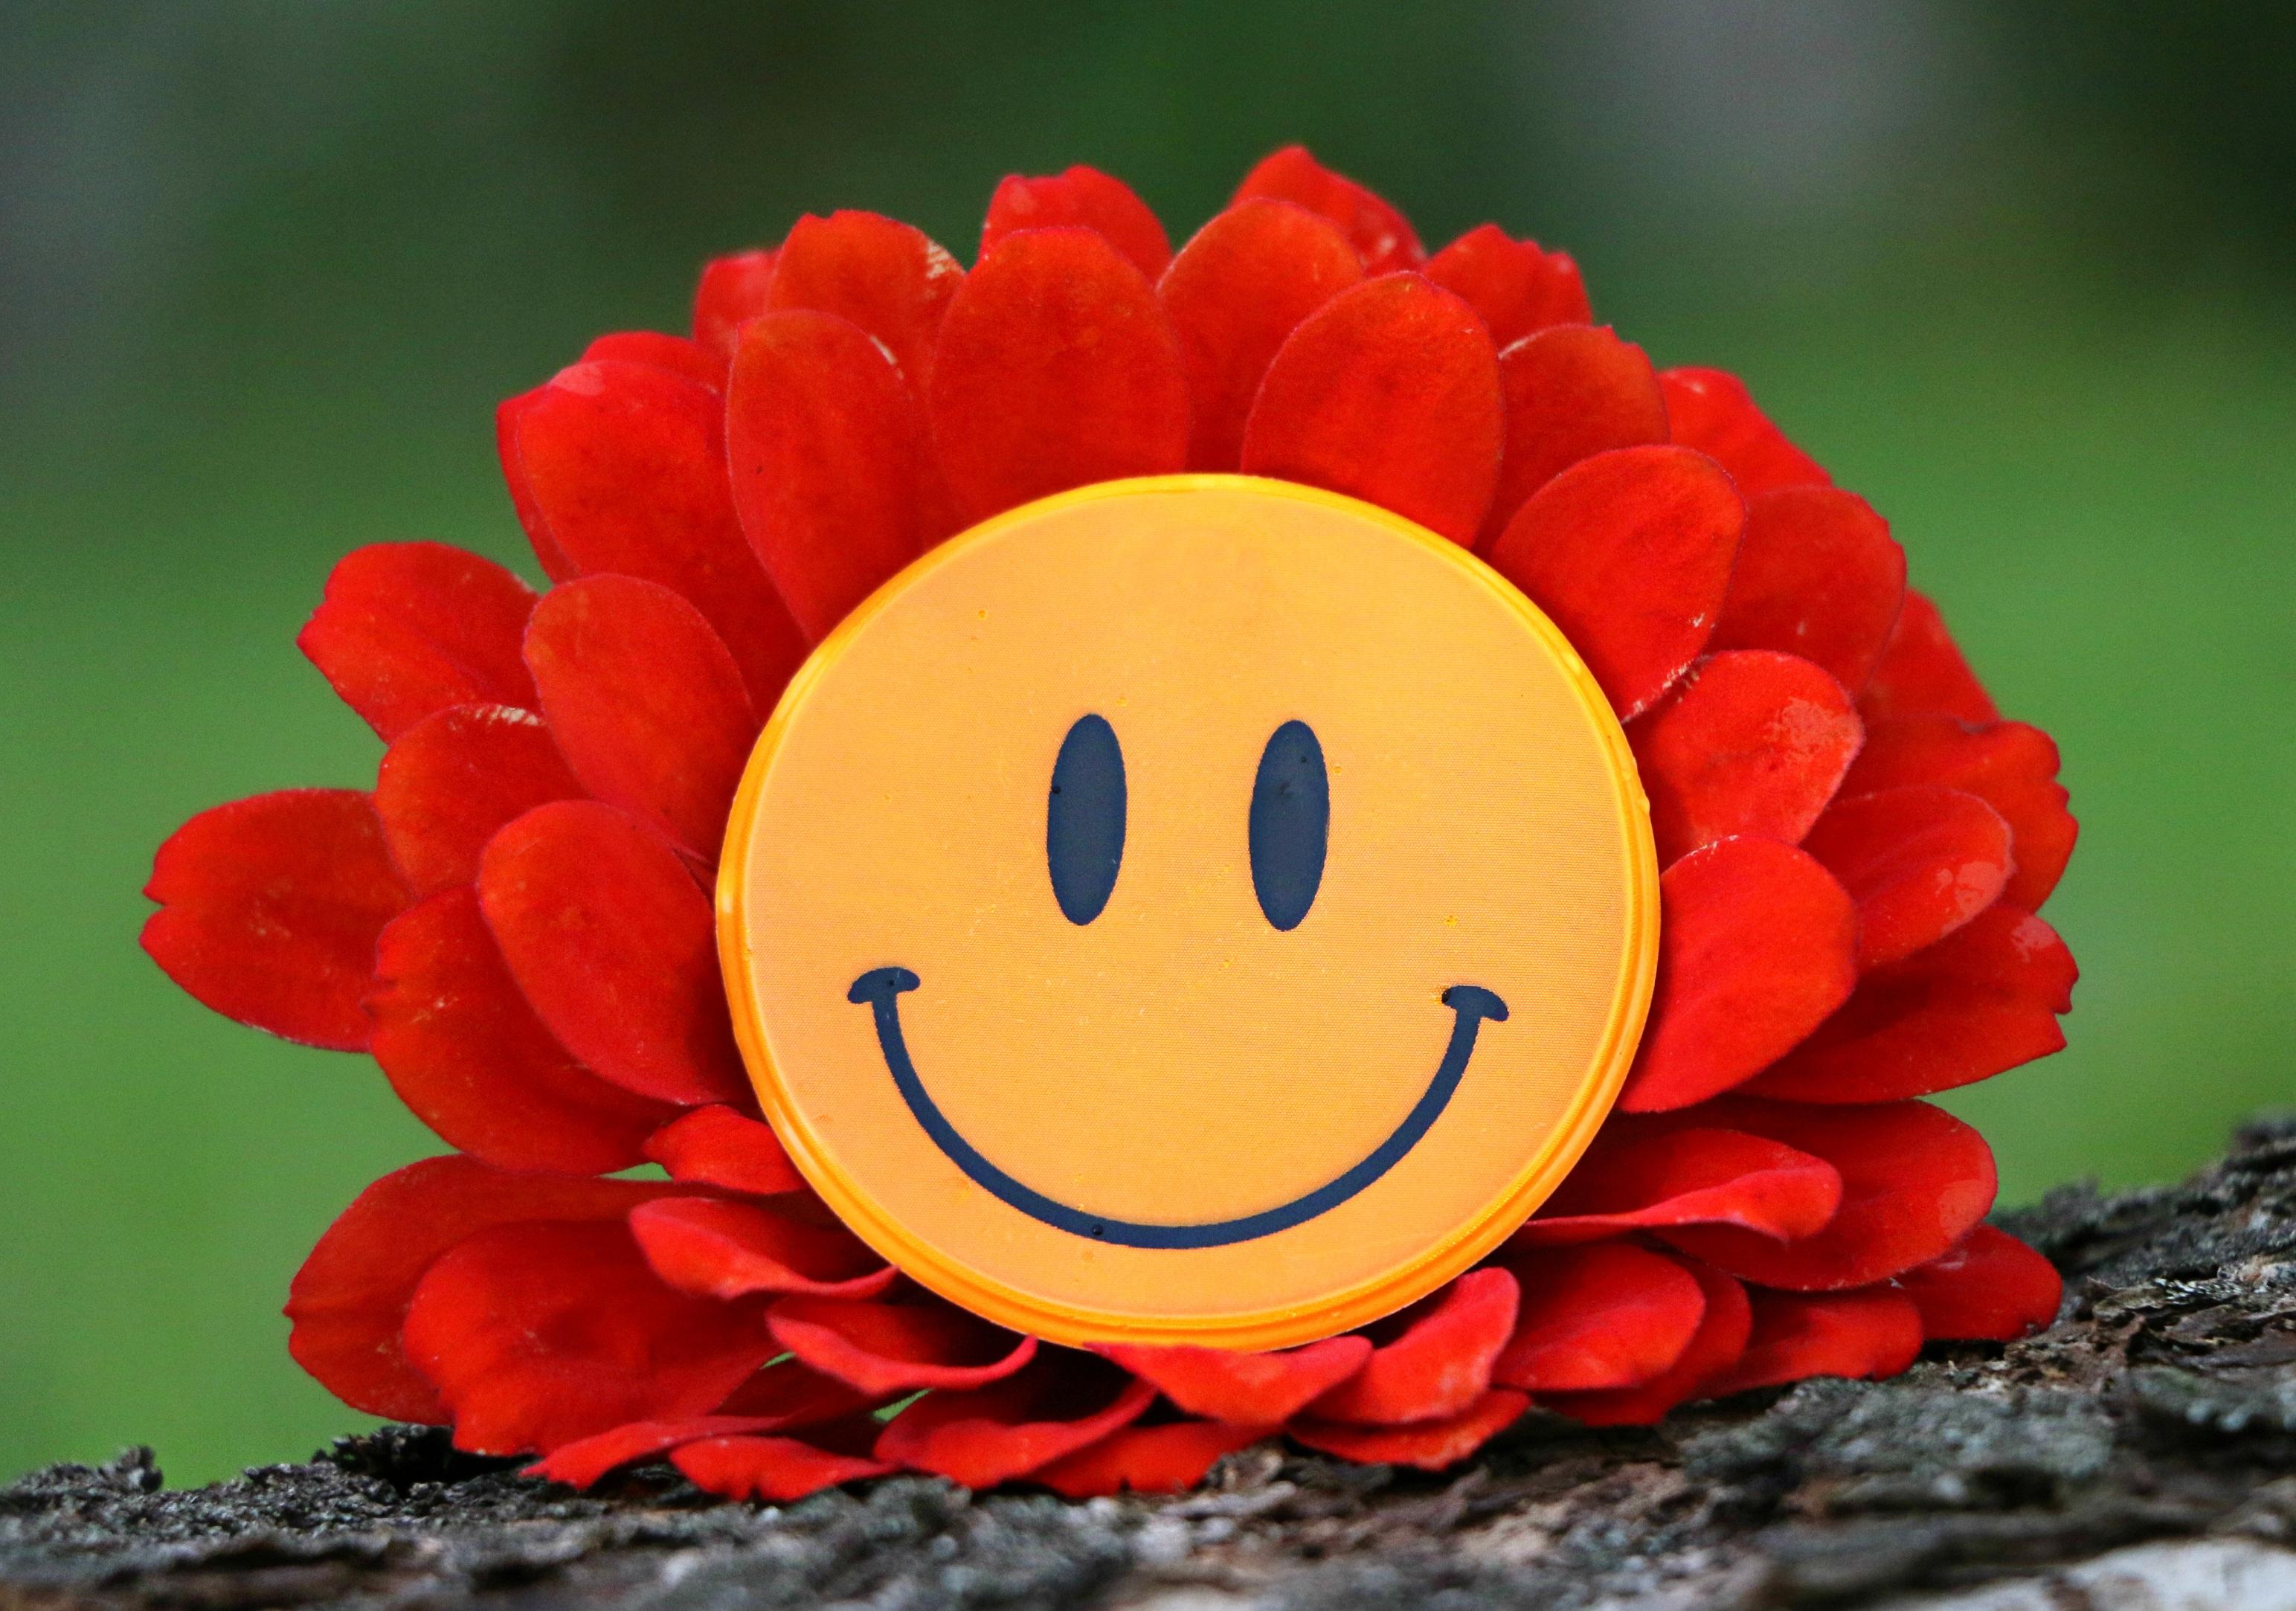 картинка цветов улыбок для кондитера